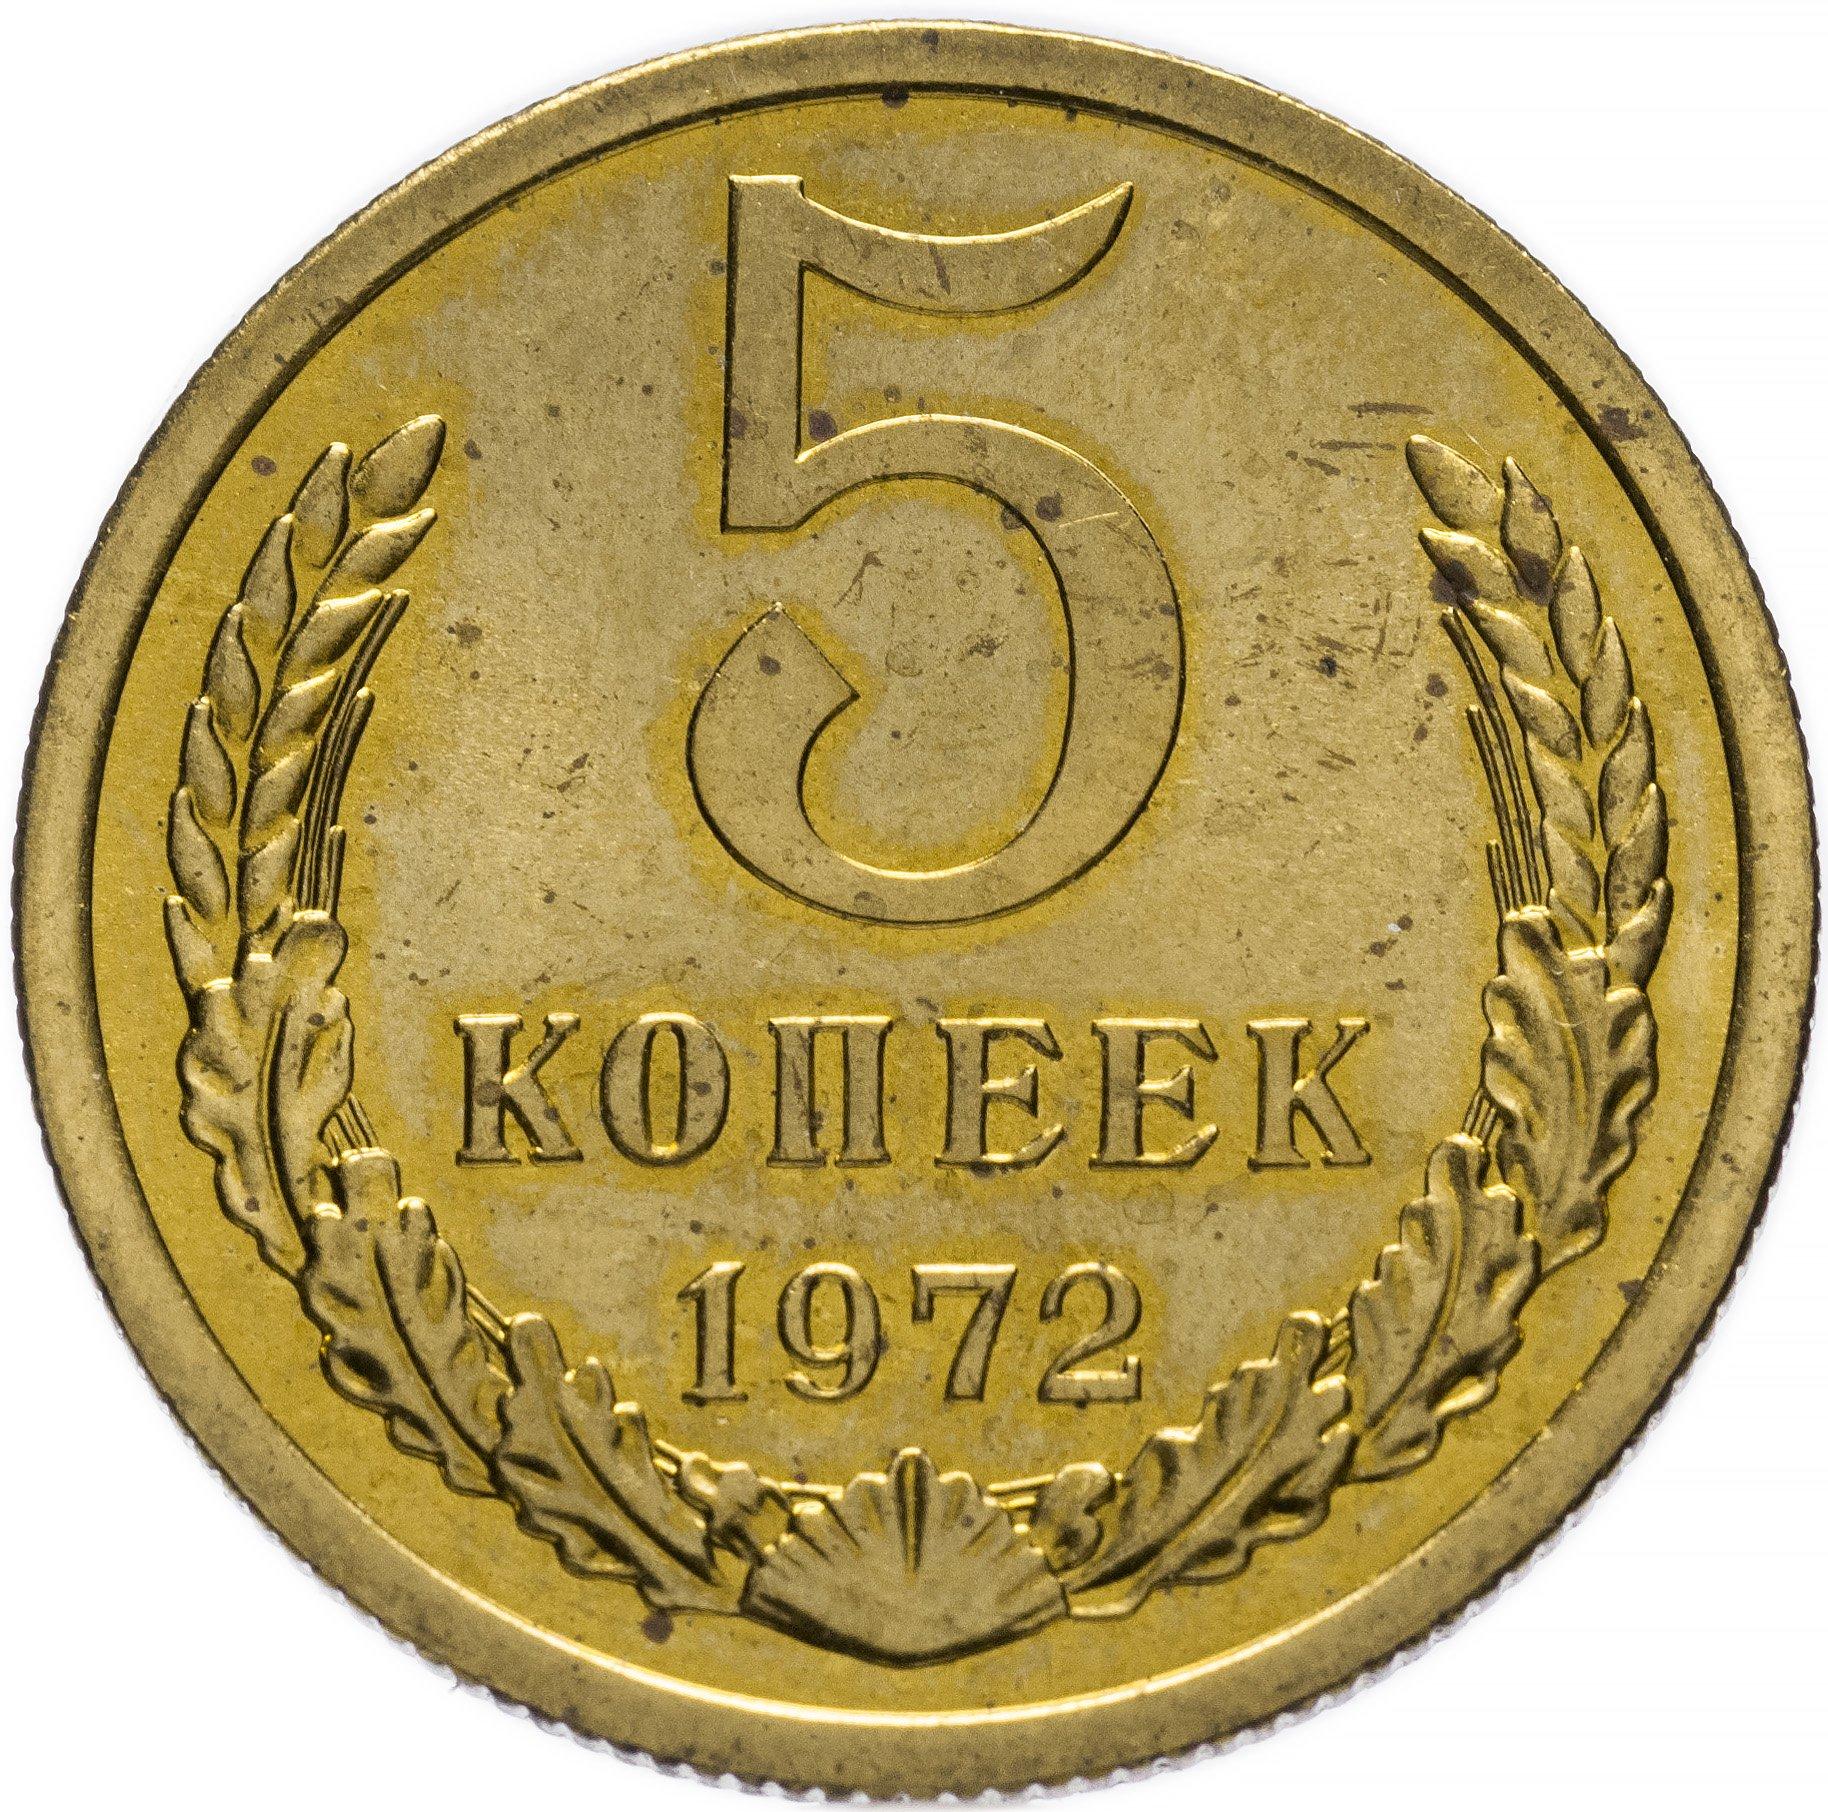 Купит монеты 1961 серебряный рубль 1723